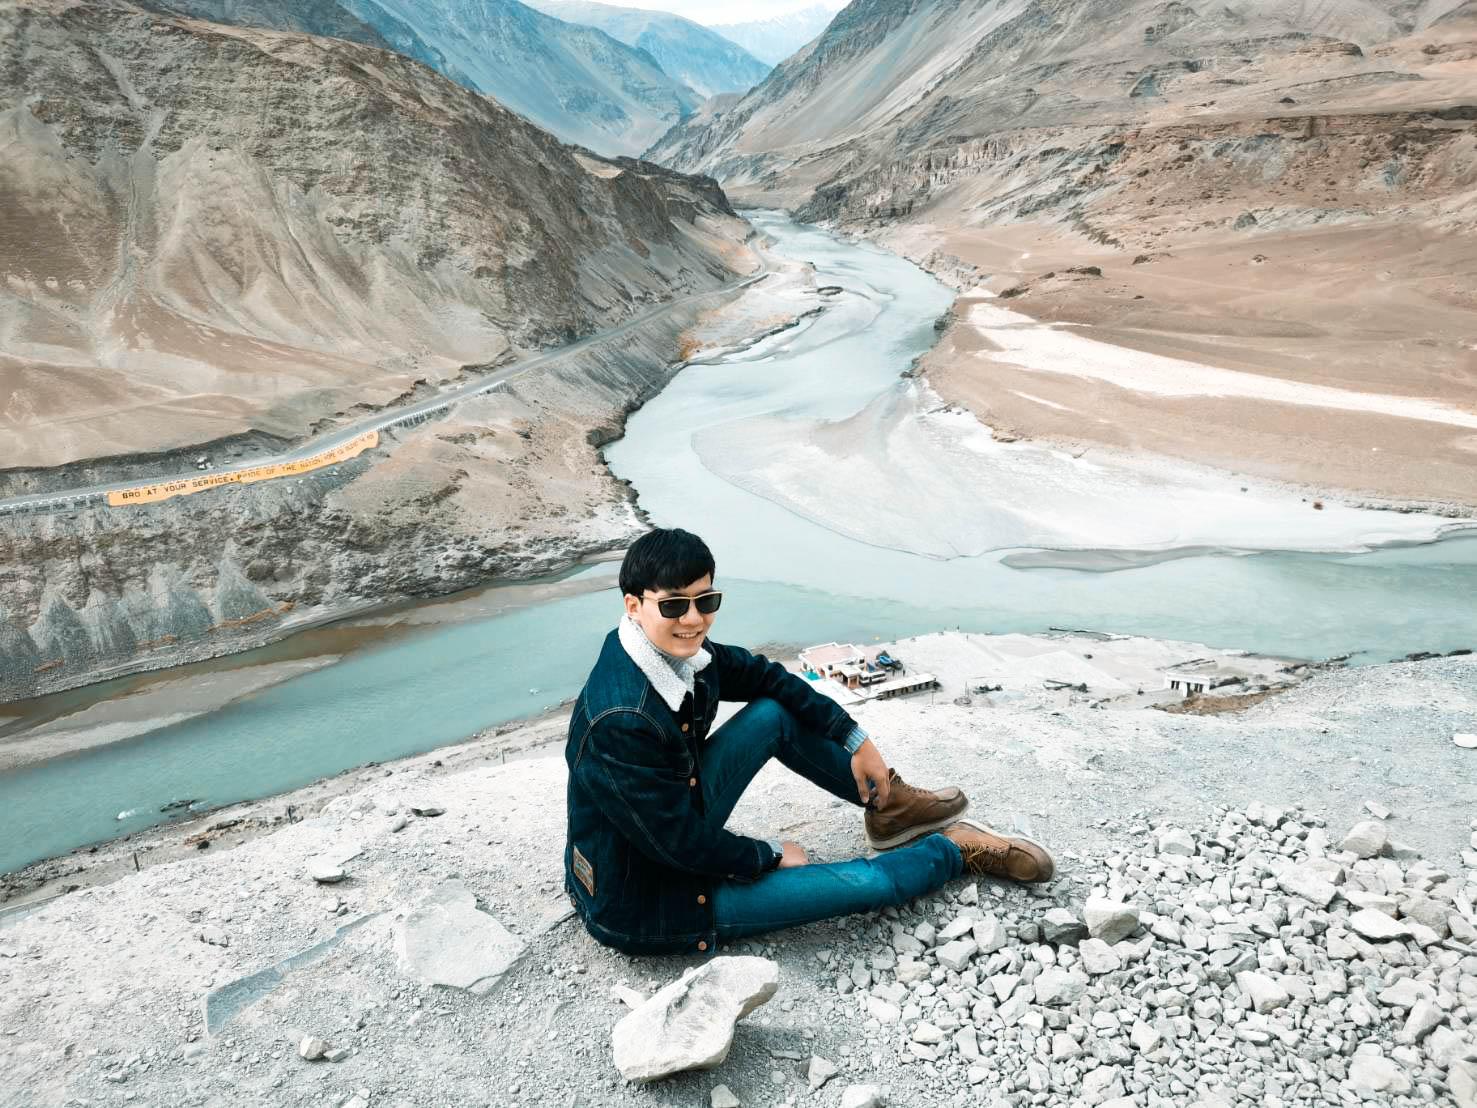 จุดตัดแม่น้ำสินธุและซันสการ ทัวร์เลห์ ลาดักห์ เที่ยวเลห์ ลาดักห์ Leh Ladakh Tour leh ladakh